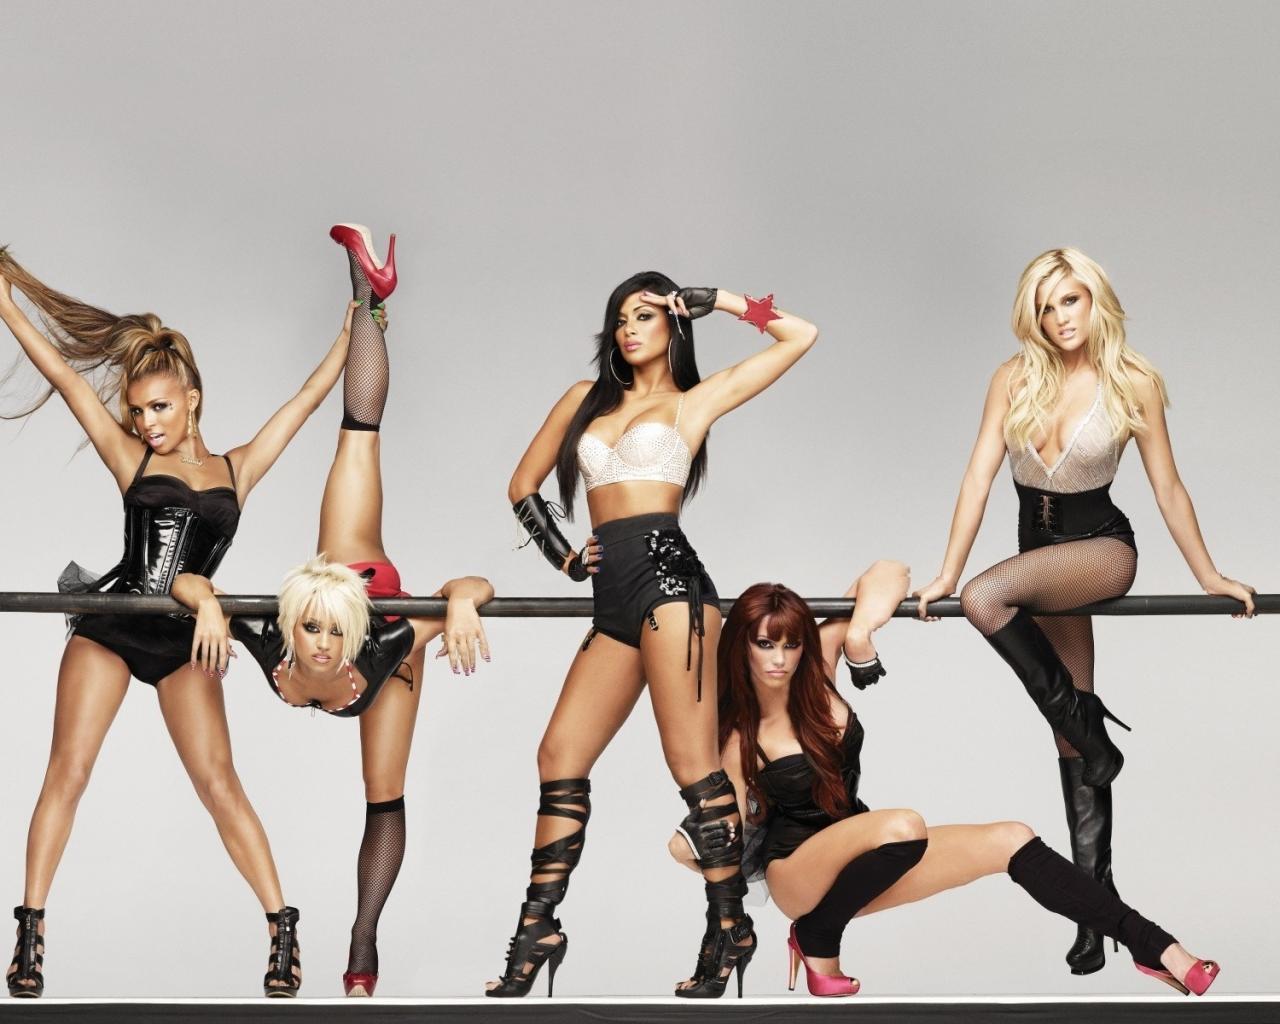 Сексуальные девушки танцуют 14 фотография